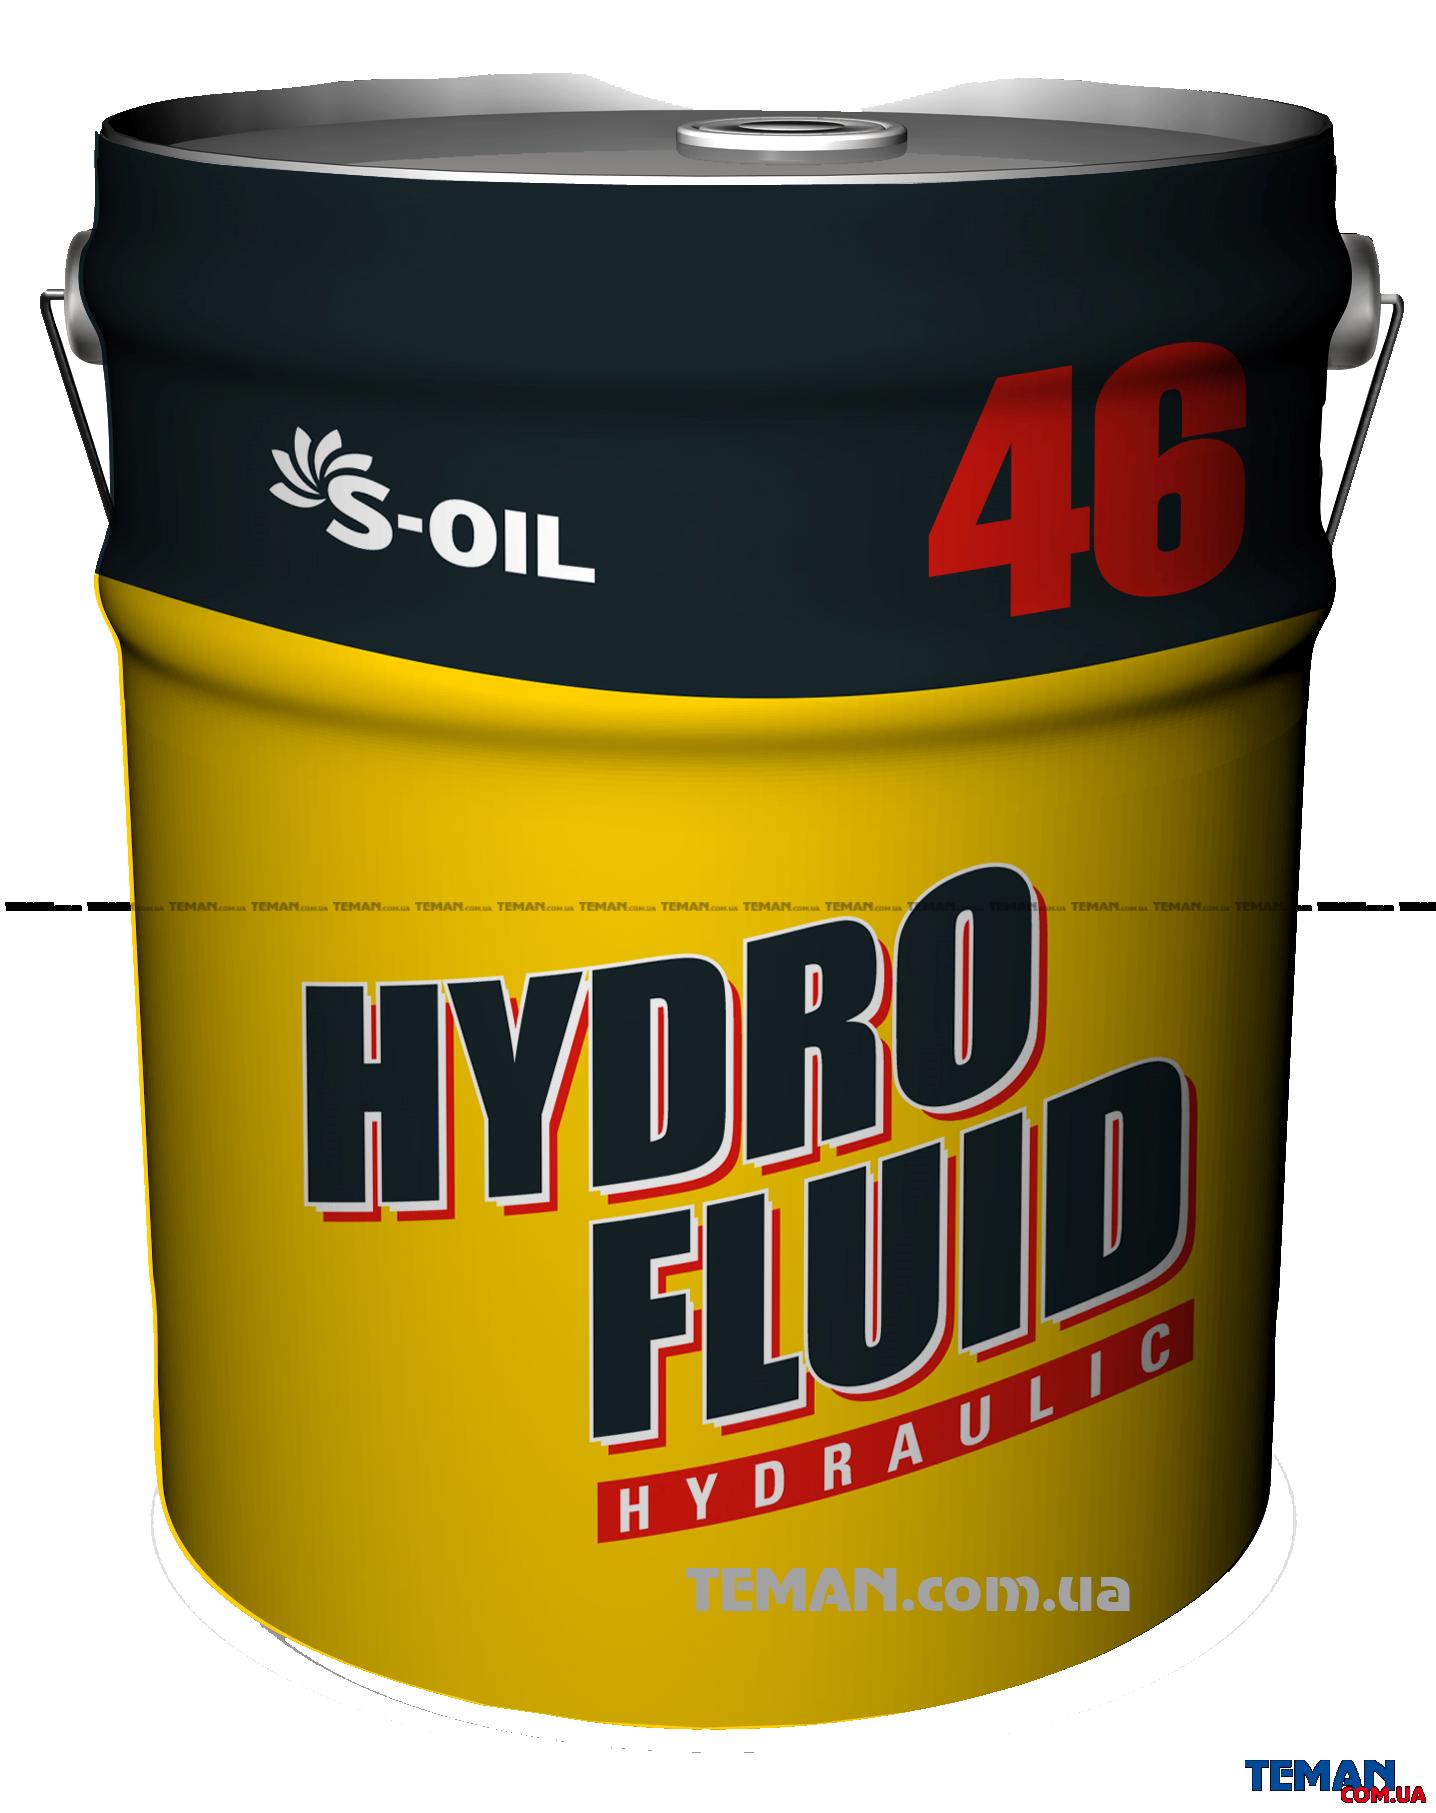 Гидравлическое масло HYDRO FLUID 46, 20 л